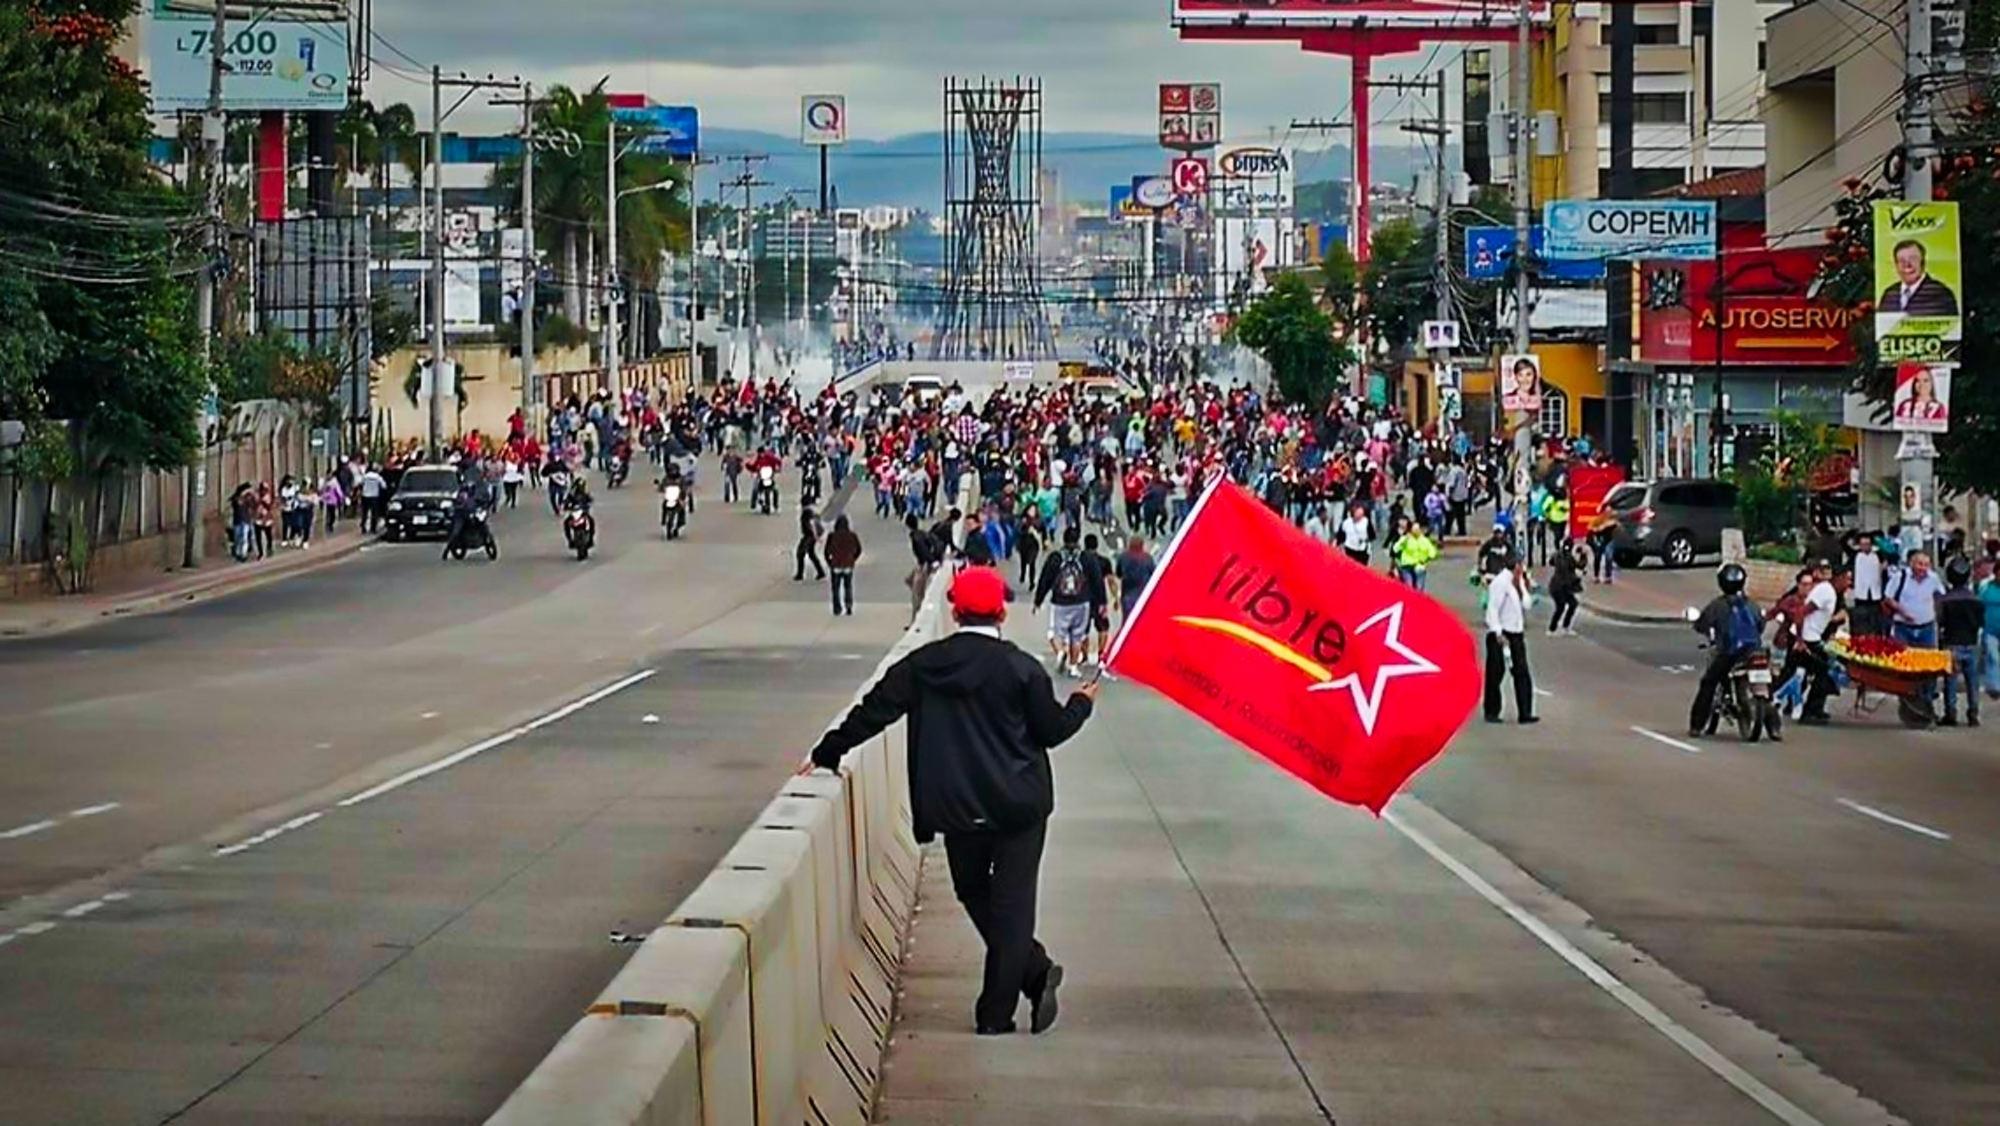 Balas, heridos y marchas: la crisis política en Honduras toca tierra